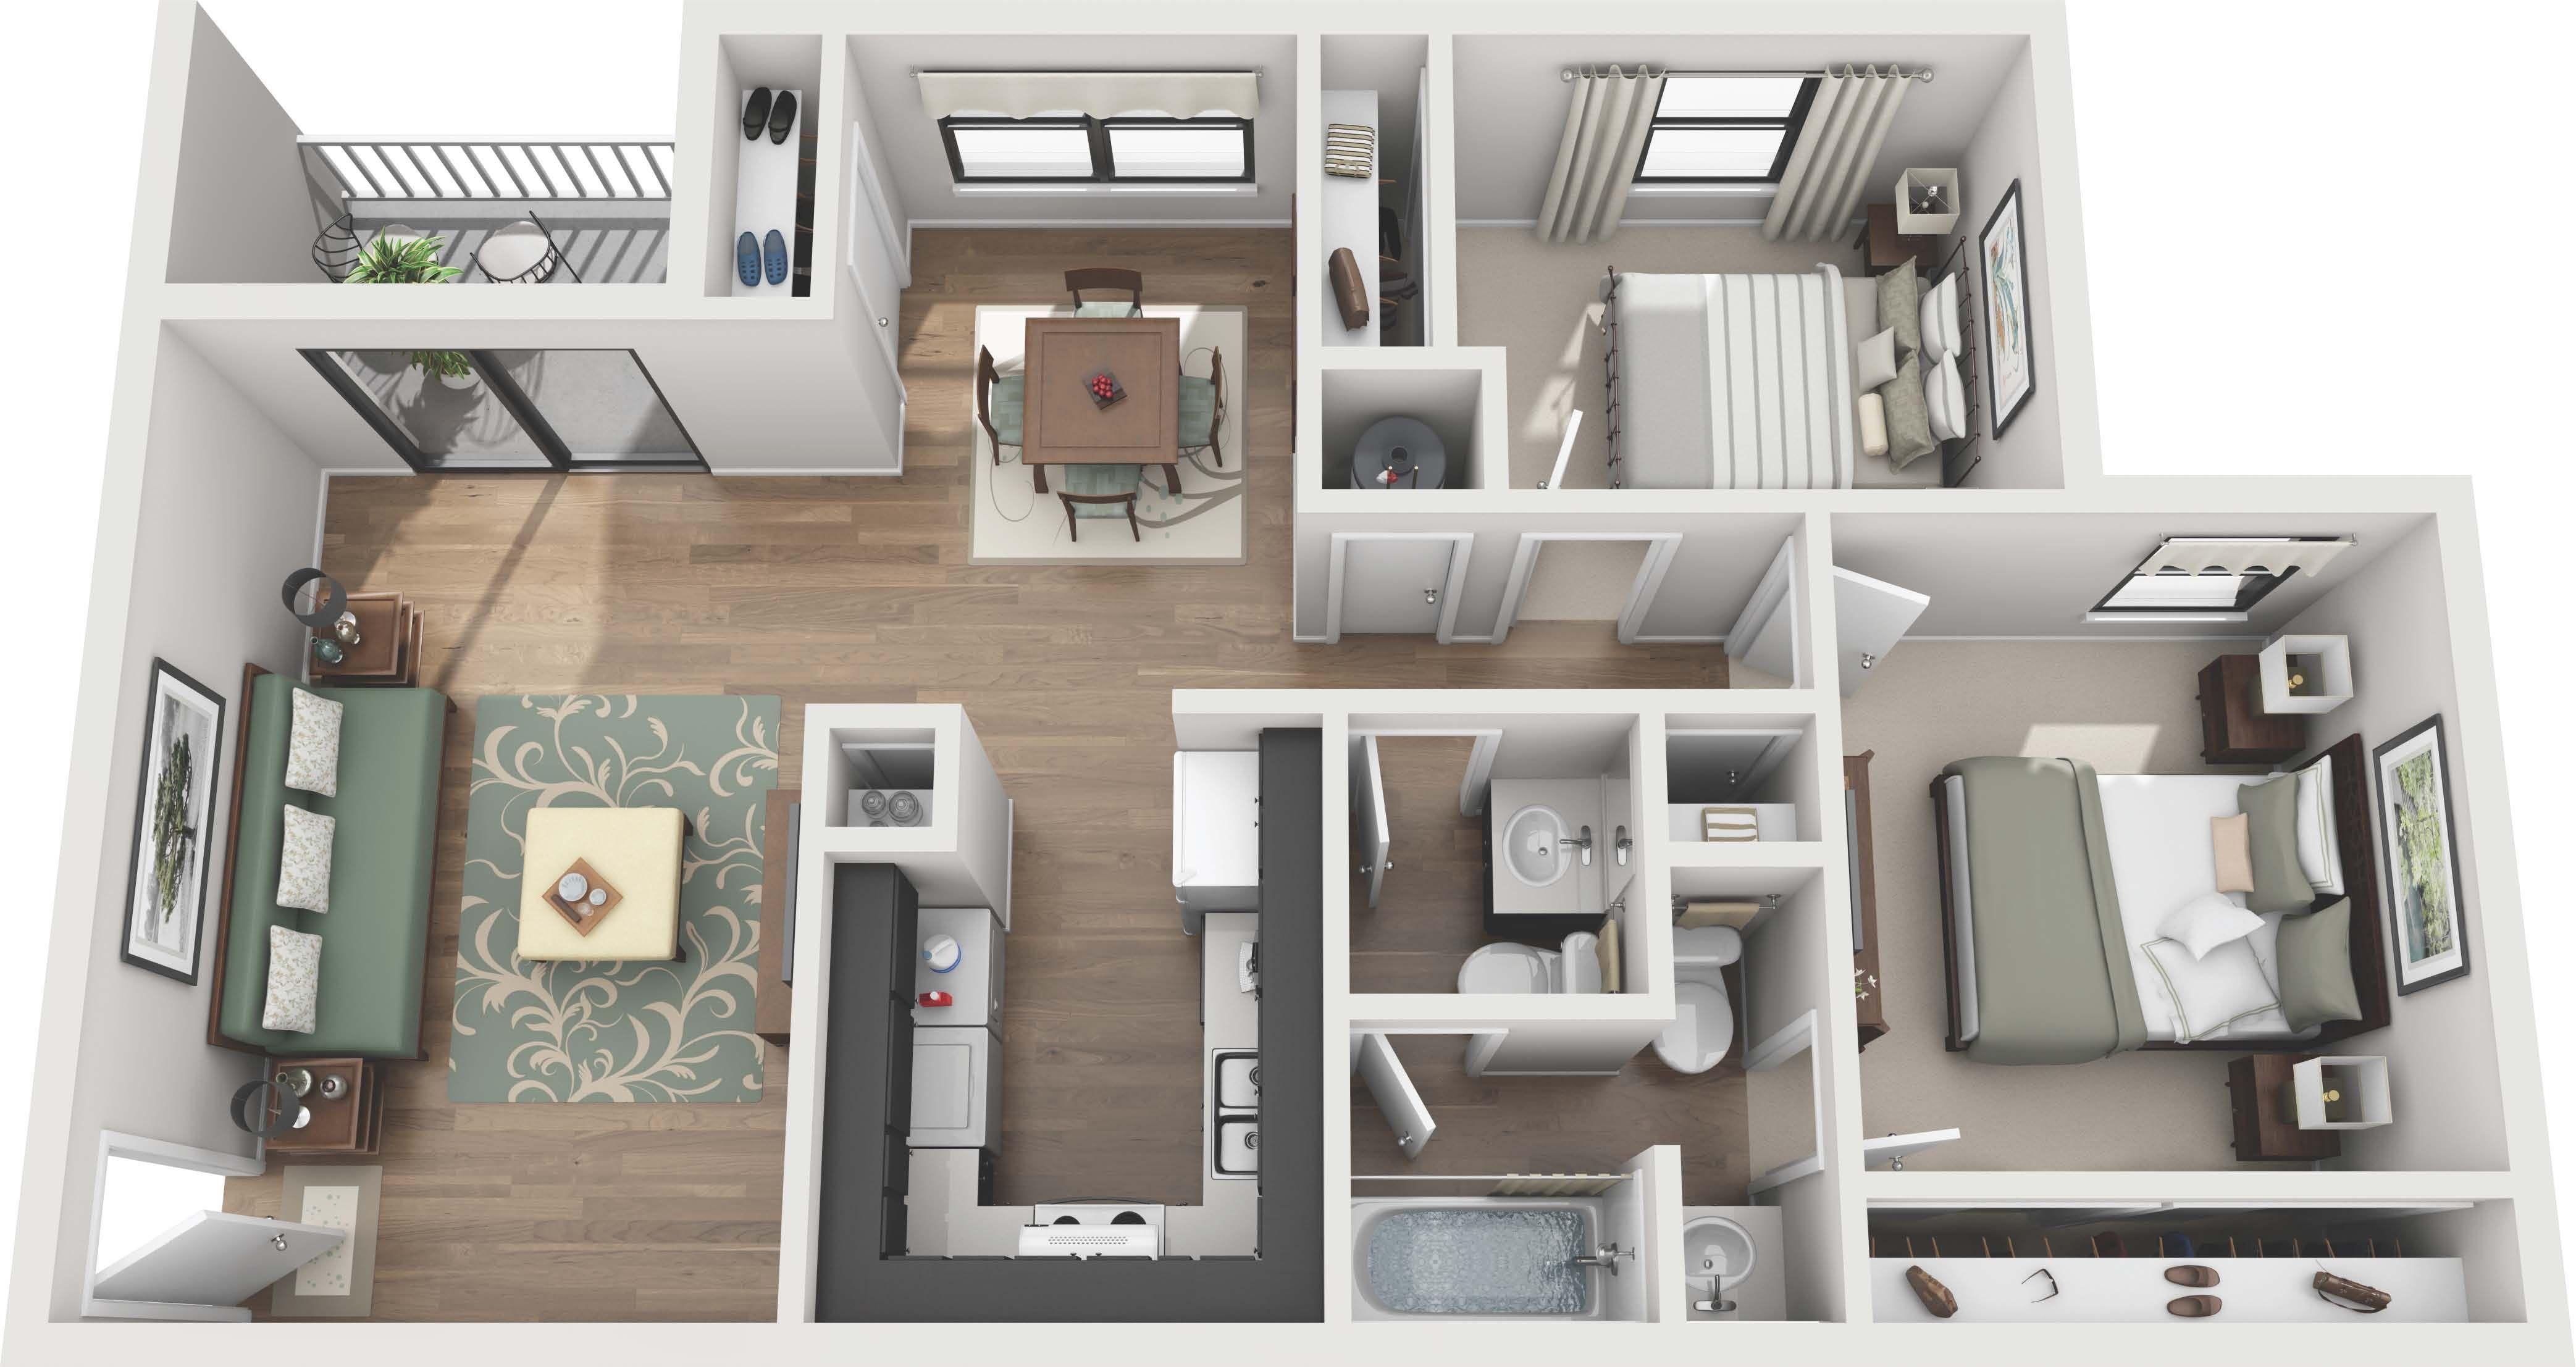 2 Bedroom Luxury Apartments in Franklin, TN | Floor Plans ...